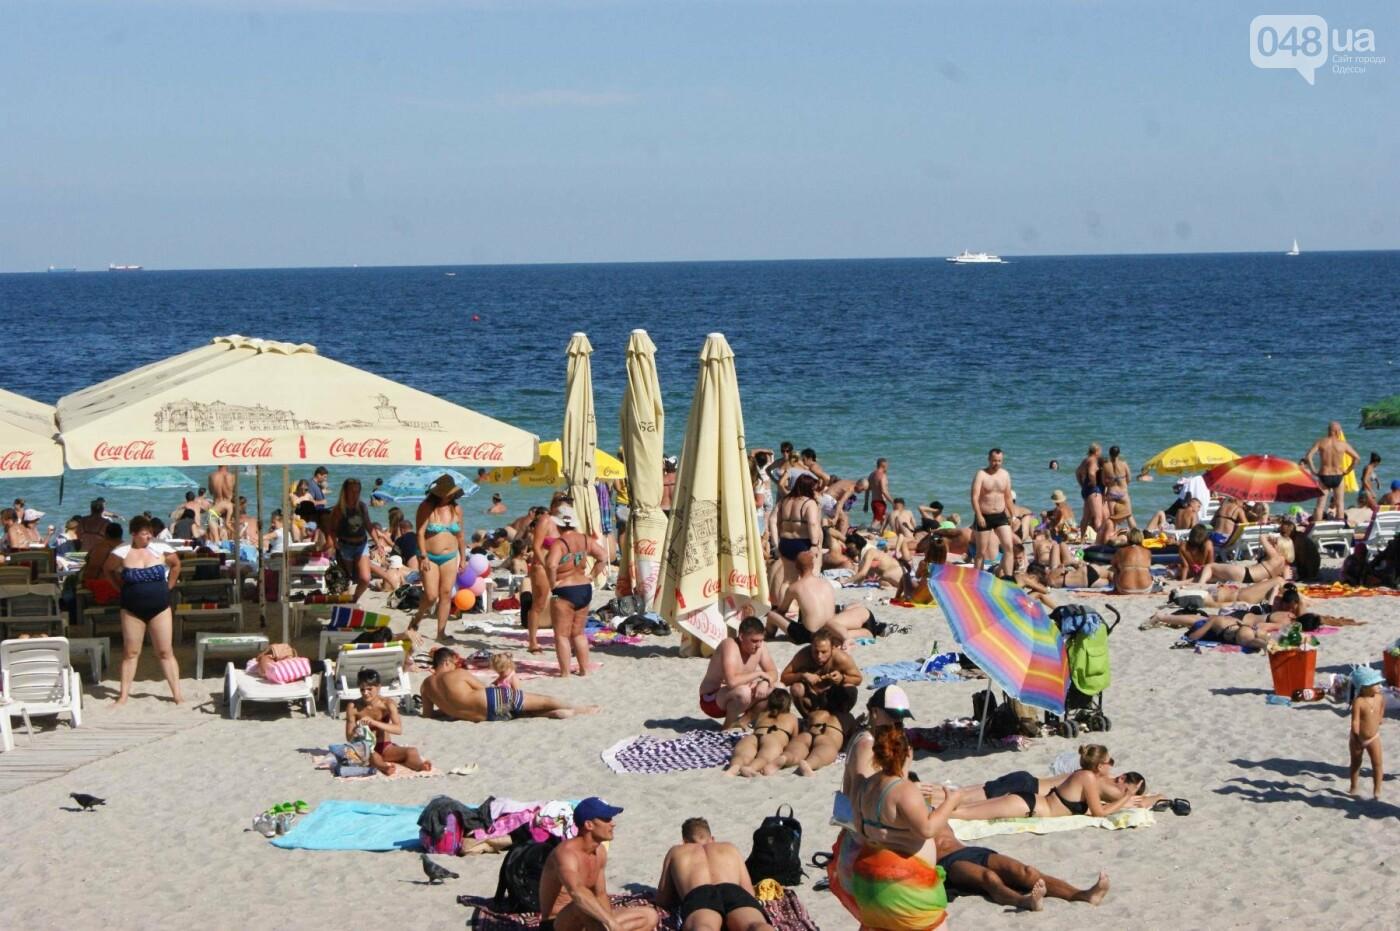 Пляжная ревизия: Что и почем на одесском Ланжероне, - ФОТО, фото-22